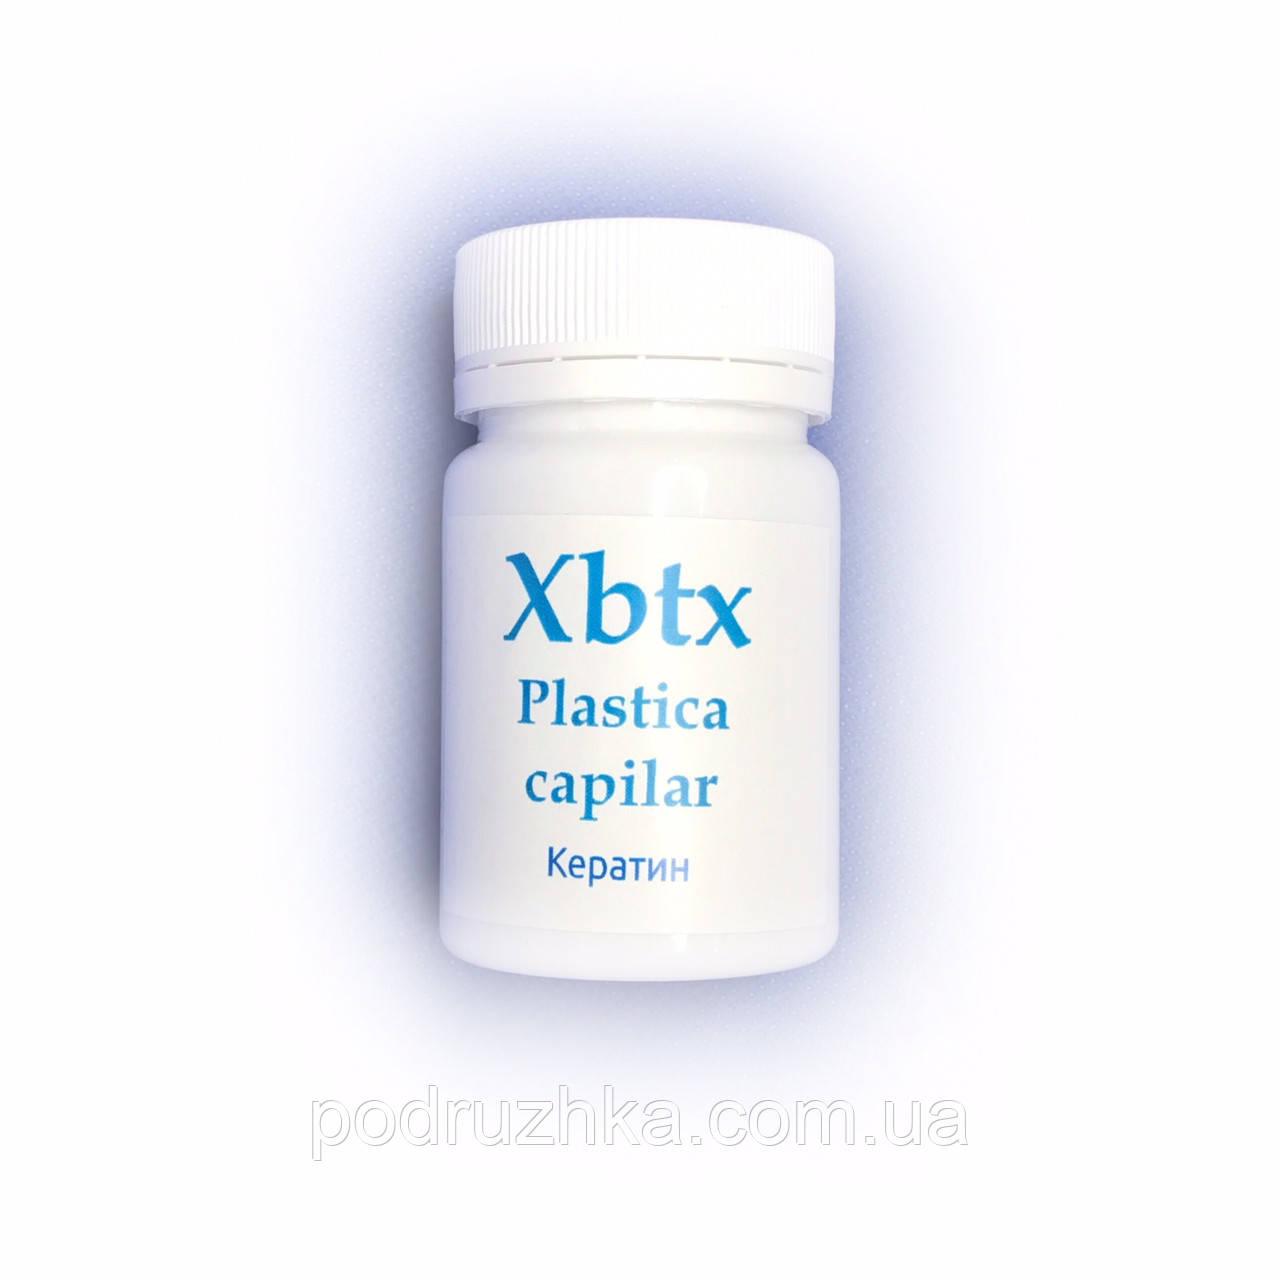 Кератин для волос XBTX Plastica capilar (шаг 2) 50 г